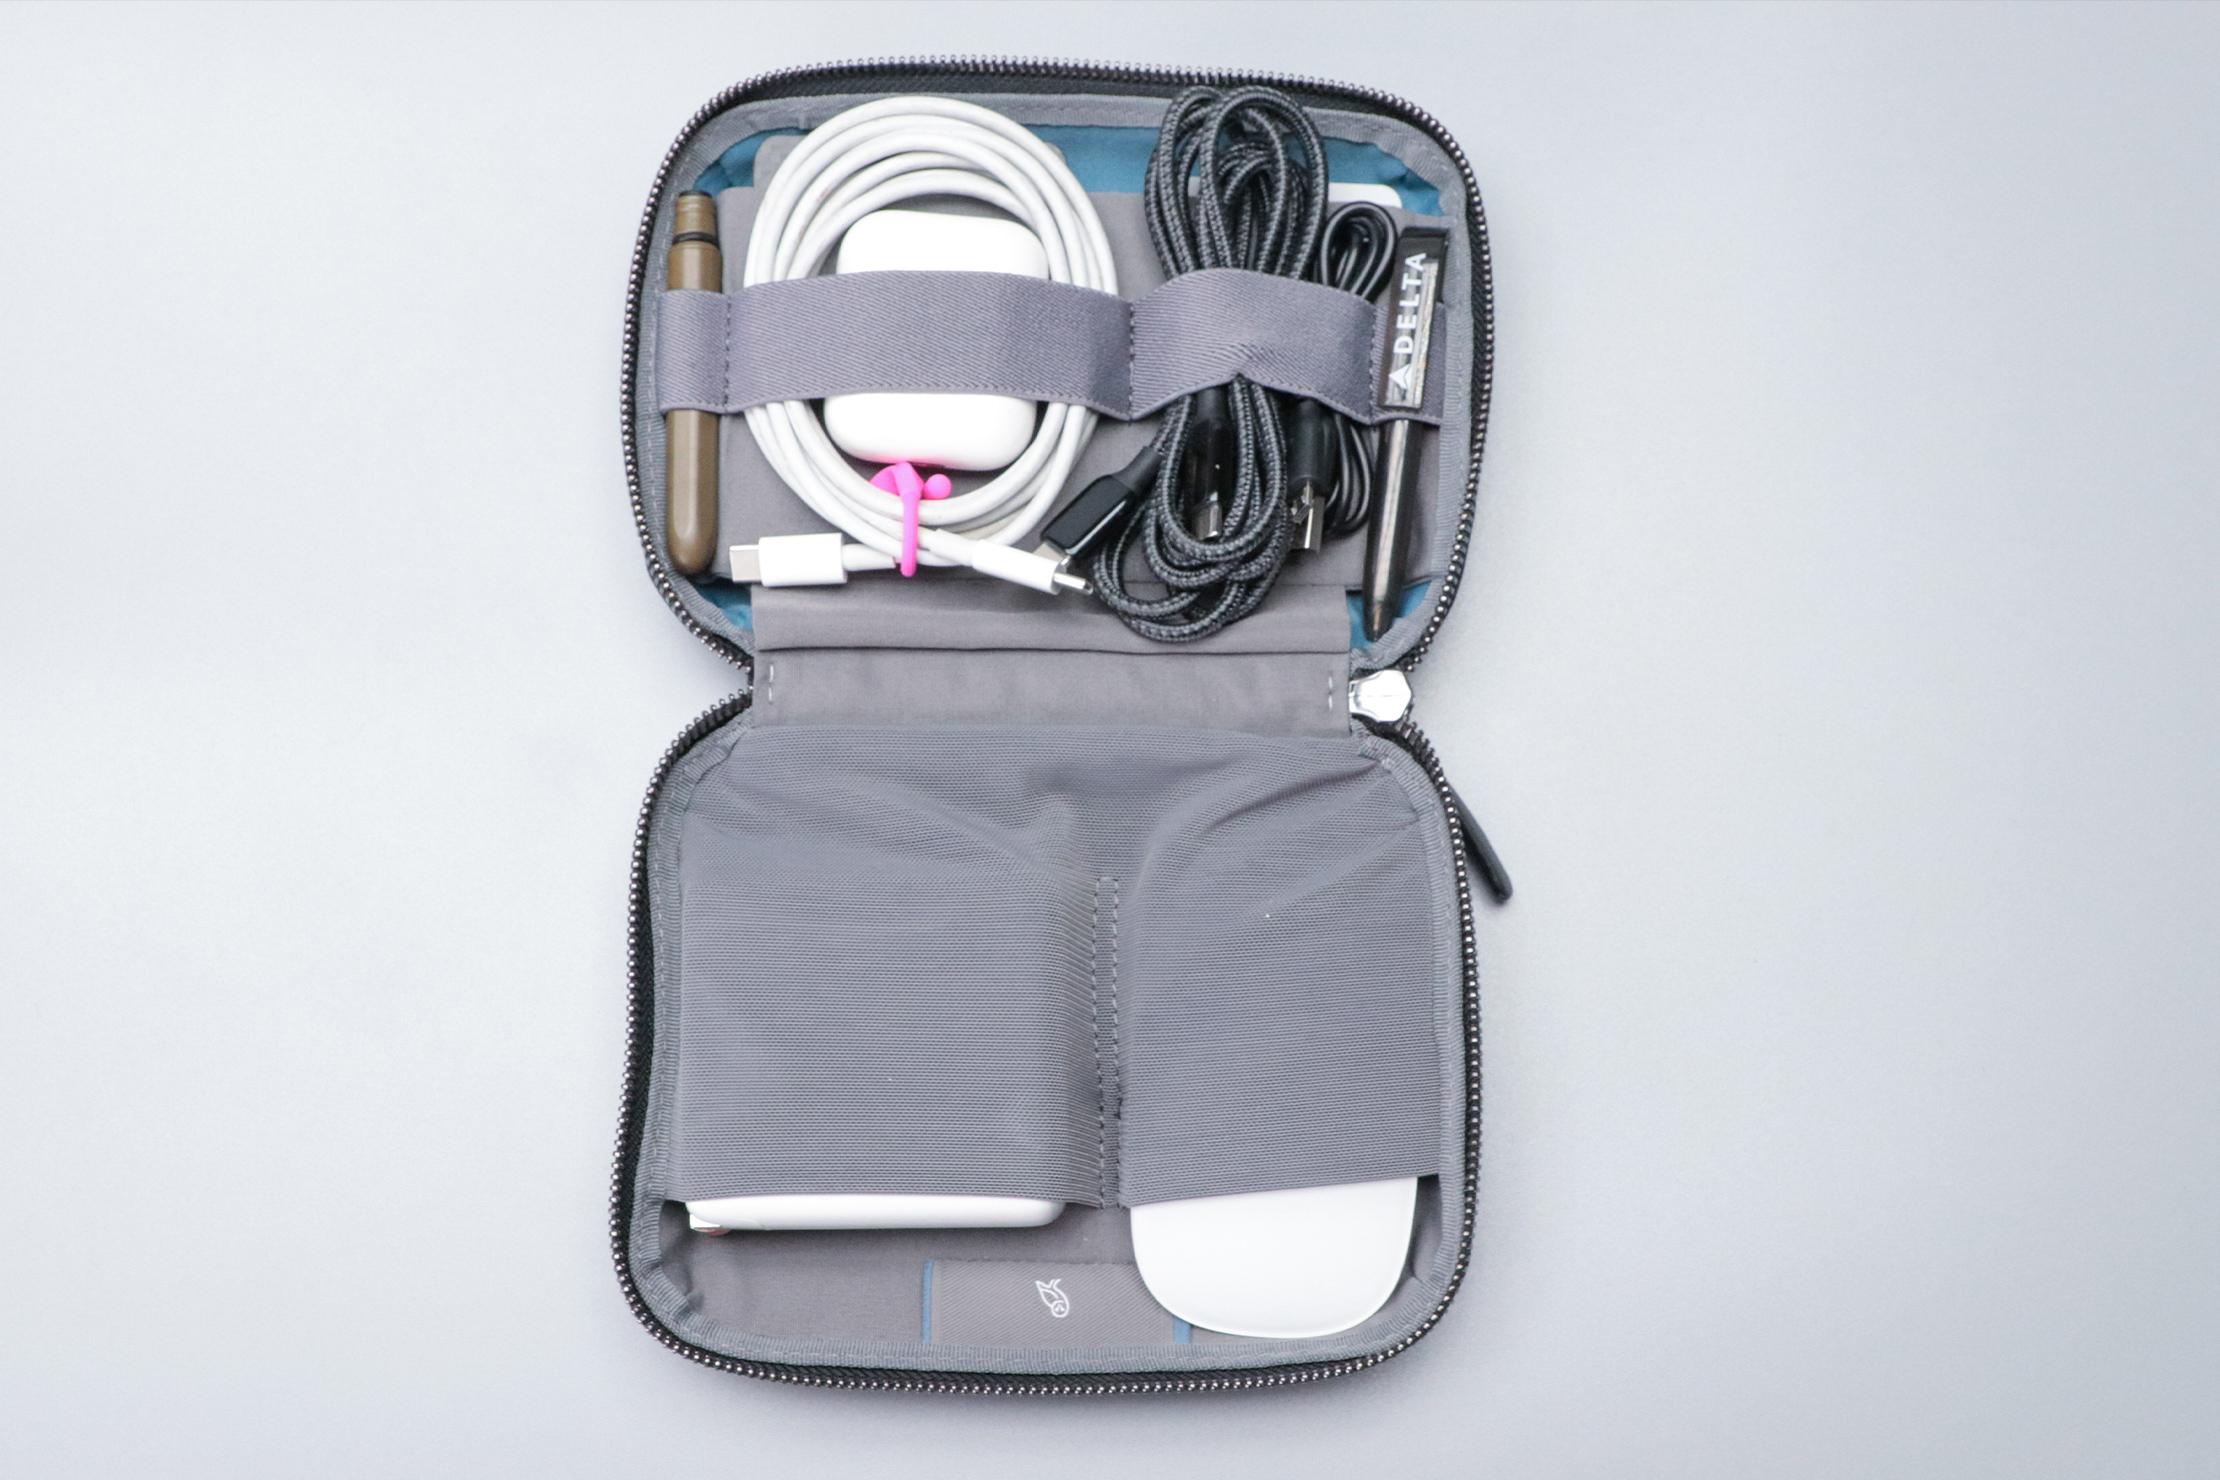 Bellroy Tech Kit Compact Flat Full